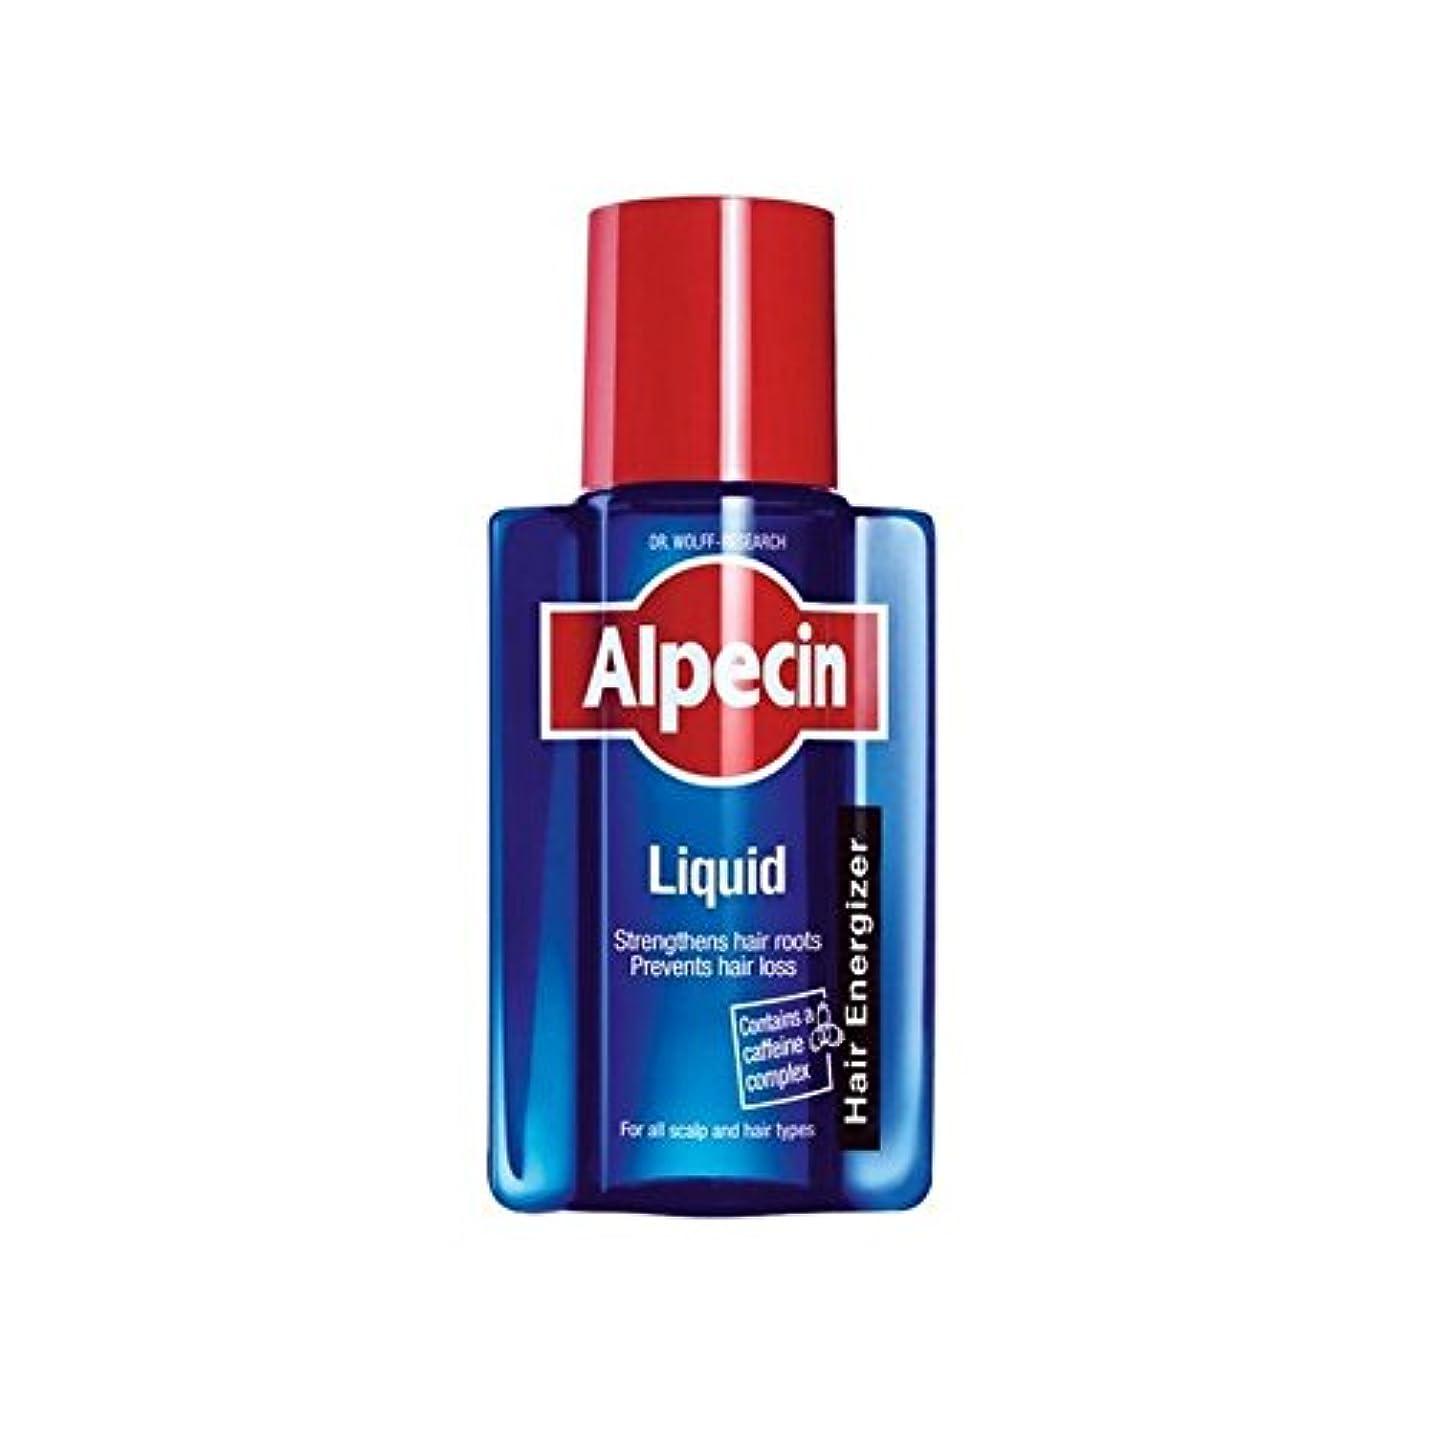 争う欠陥羊のAlpecin Liquid (200ml) - 液体(200)中 [並行輸入品]